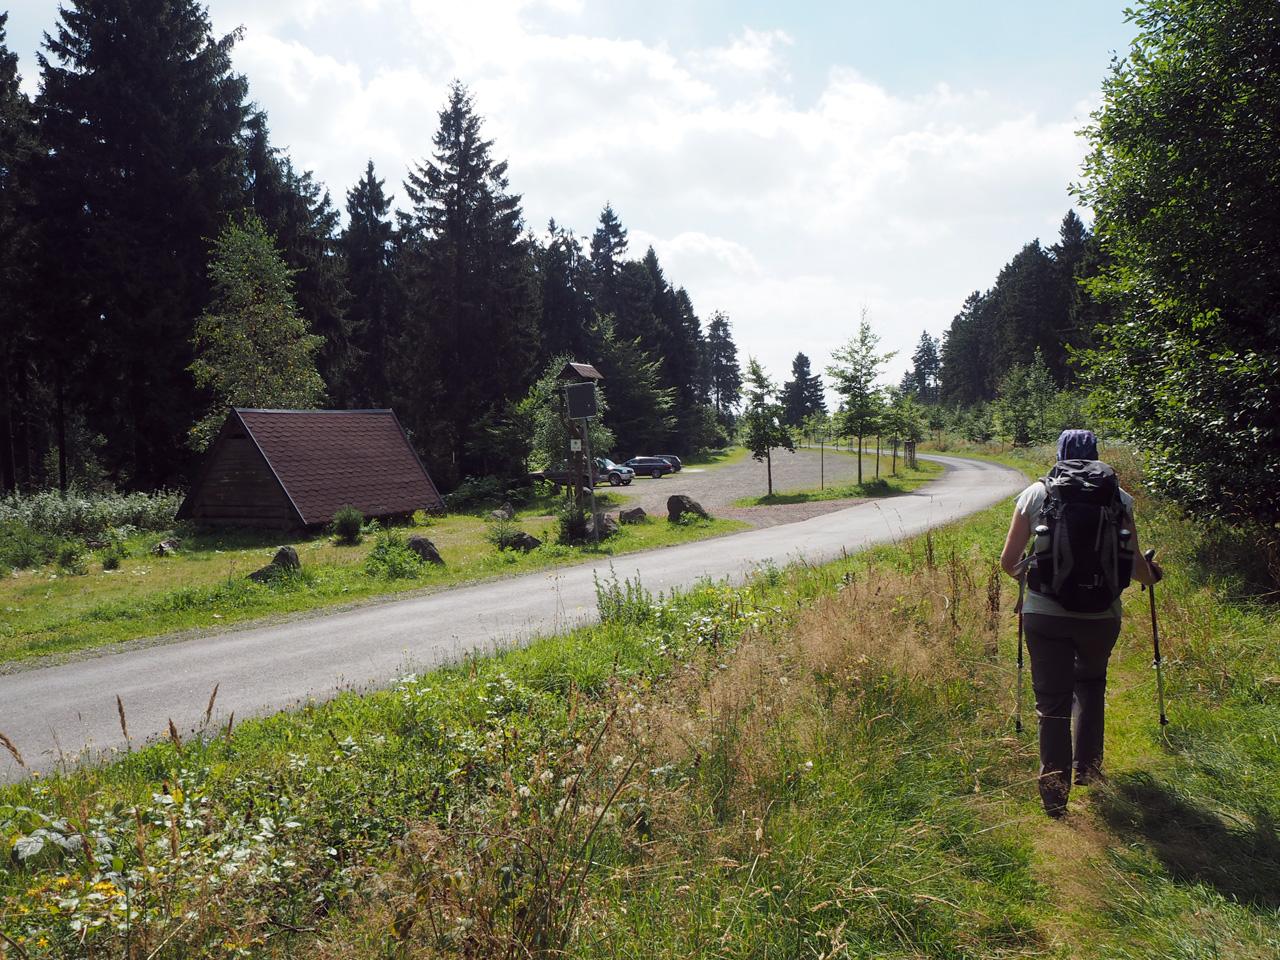 Schuilhut en parkeerplaats Bergsee